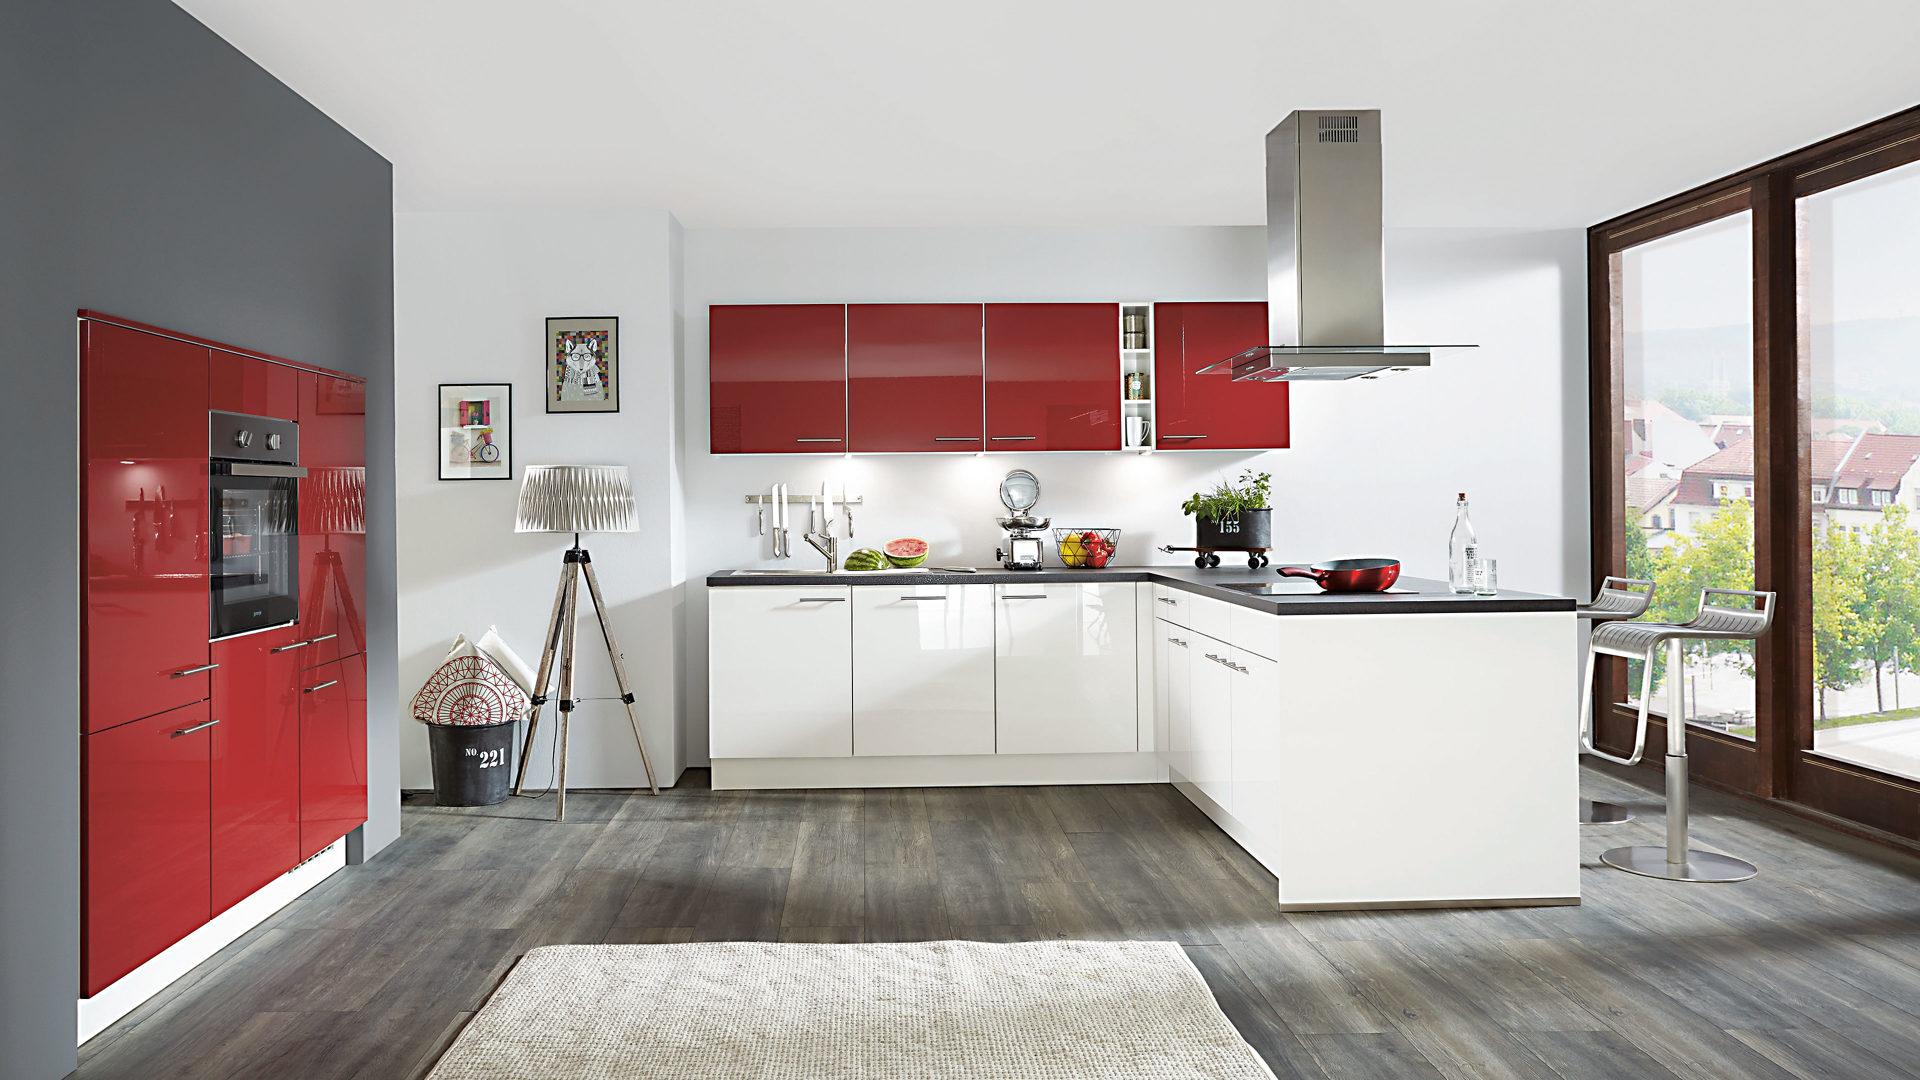 Einbauküchen schwarz  Einrichtungspartner Ring   Markenshops   Einbauküchen ...